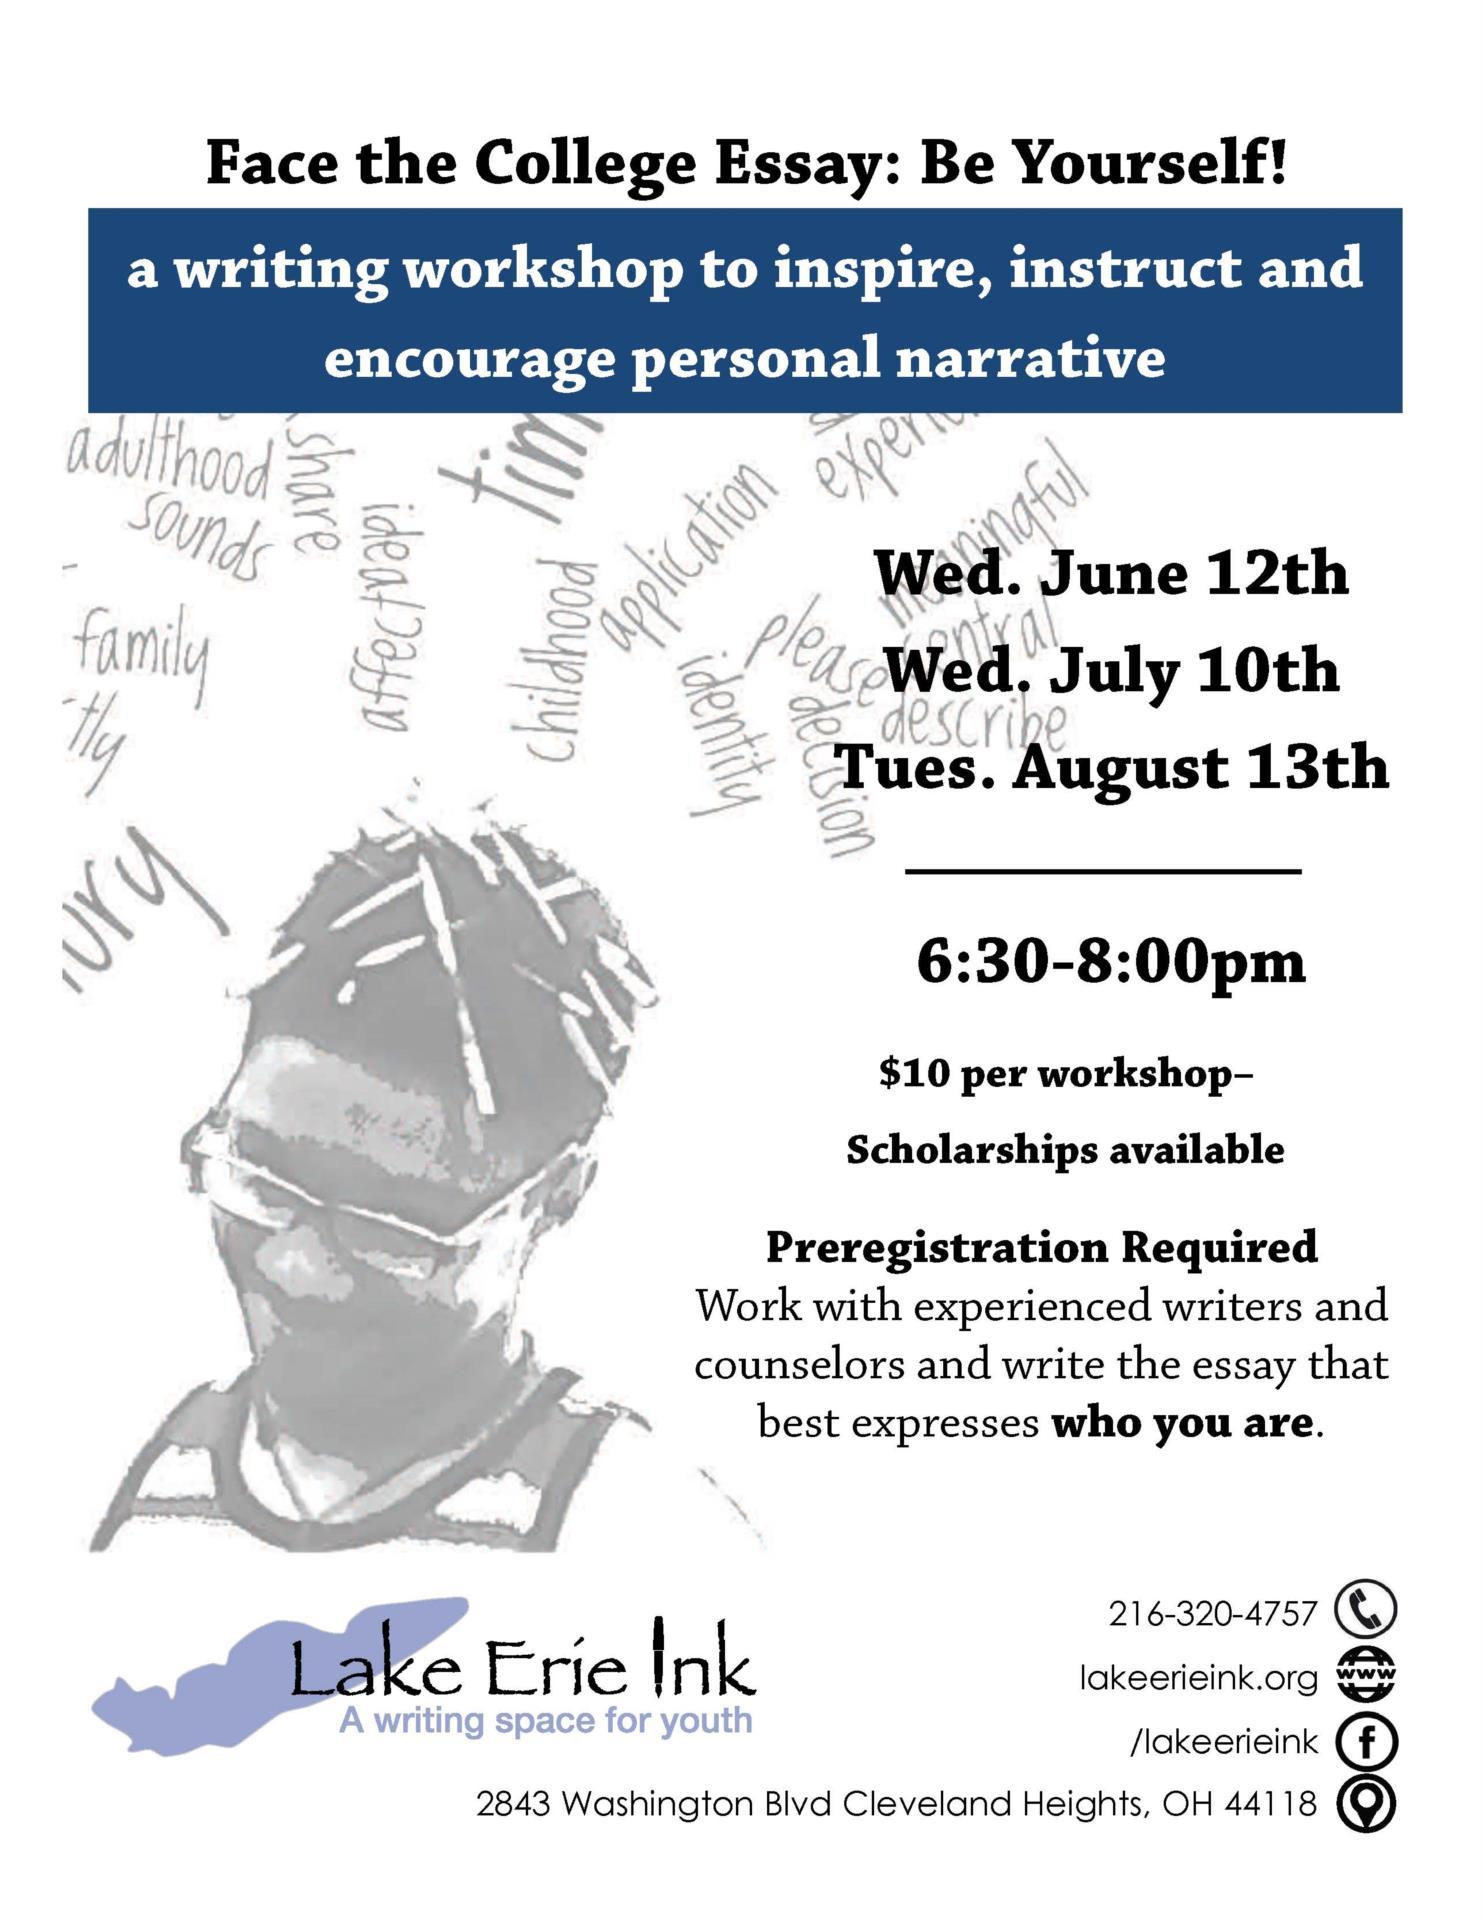 Lake Erie Ink flyer